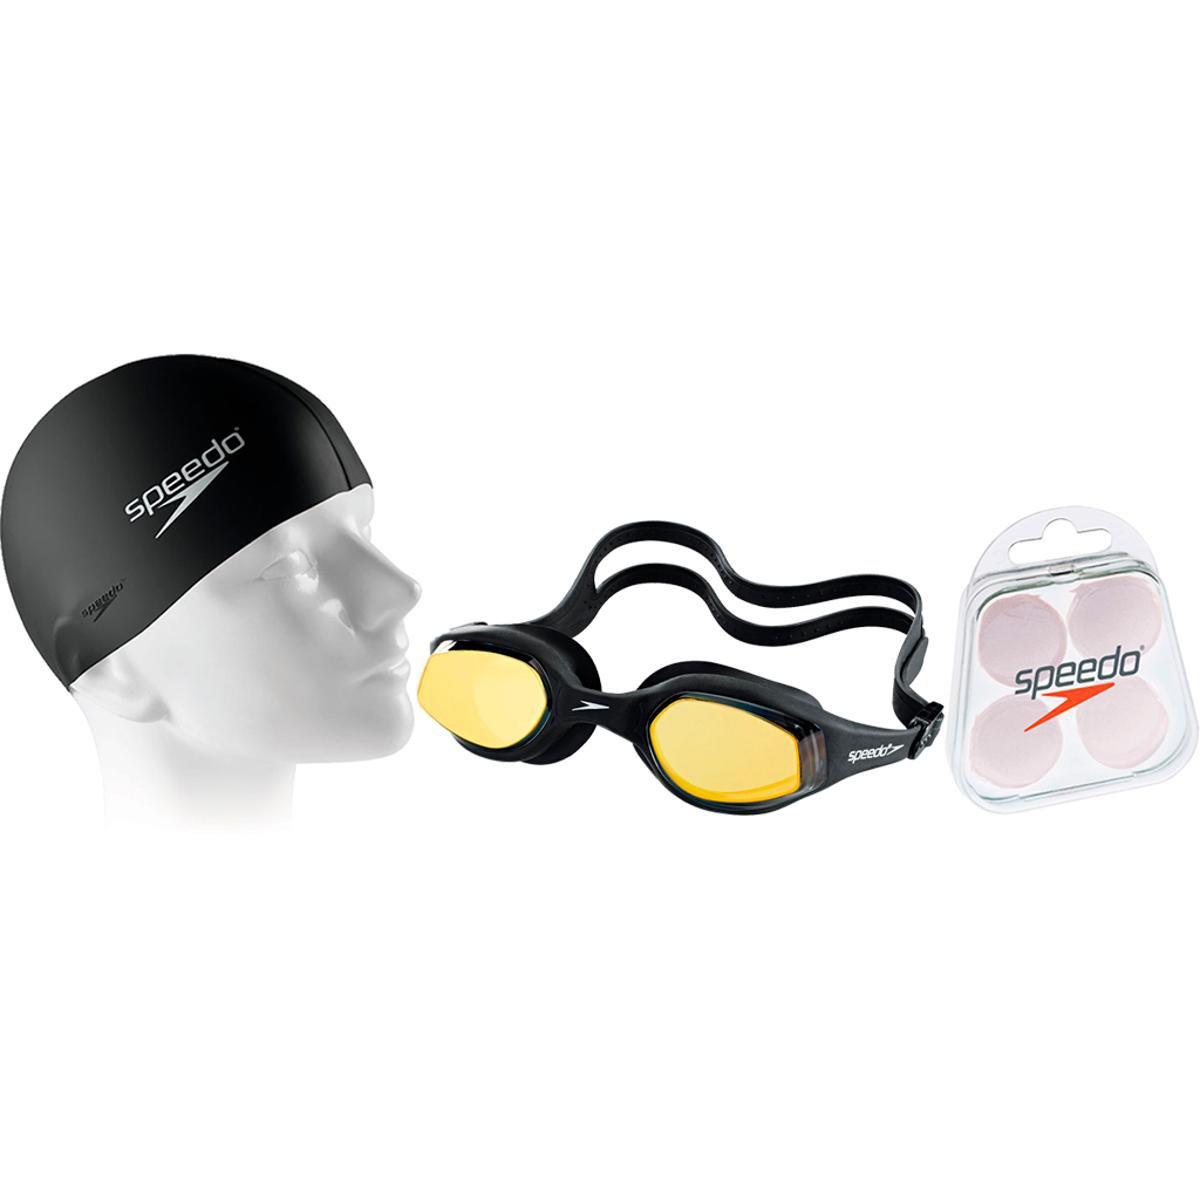 8e62dd3d81c0b Kit Natação com Óculos Speedo Tempest Mirror + Protetor + Touca - Compre  Agora